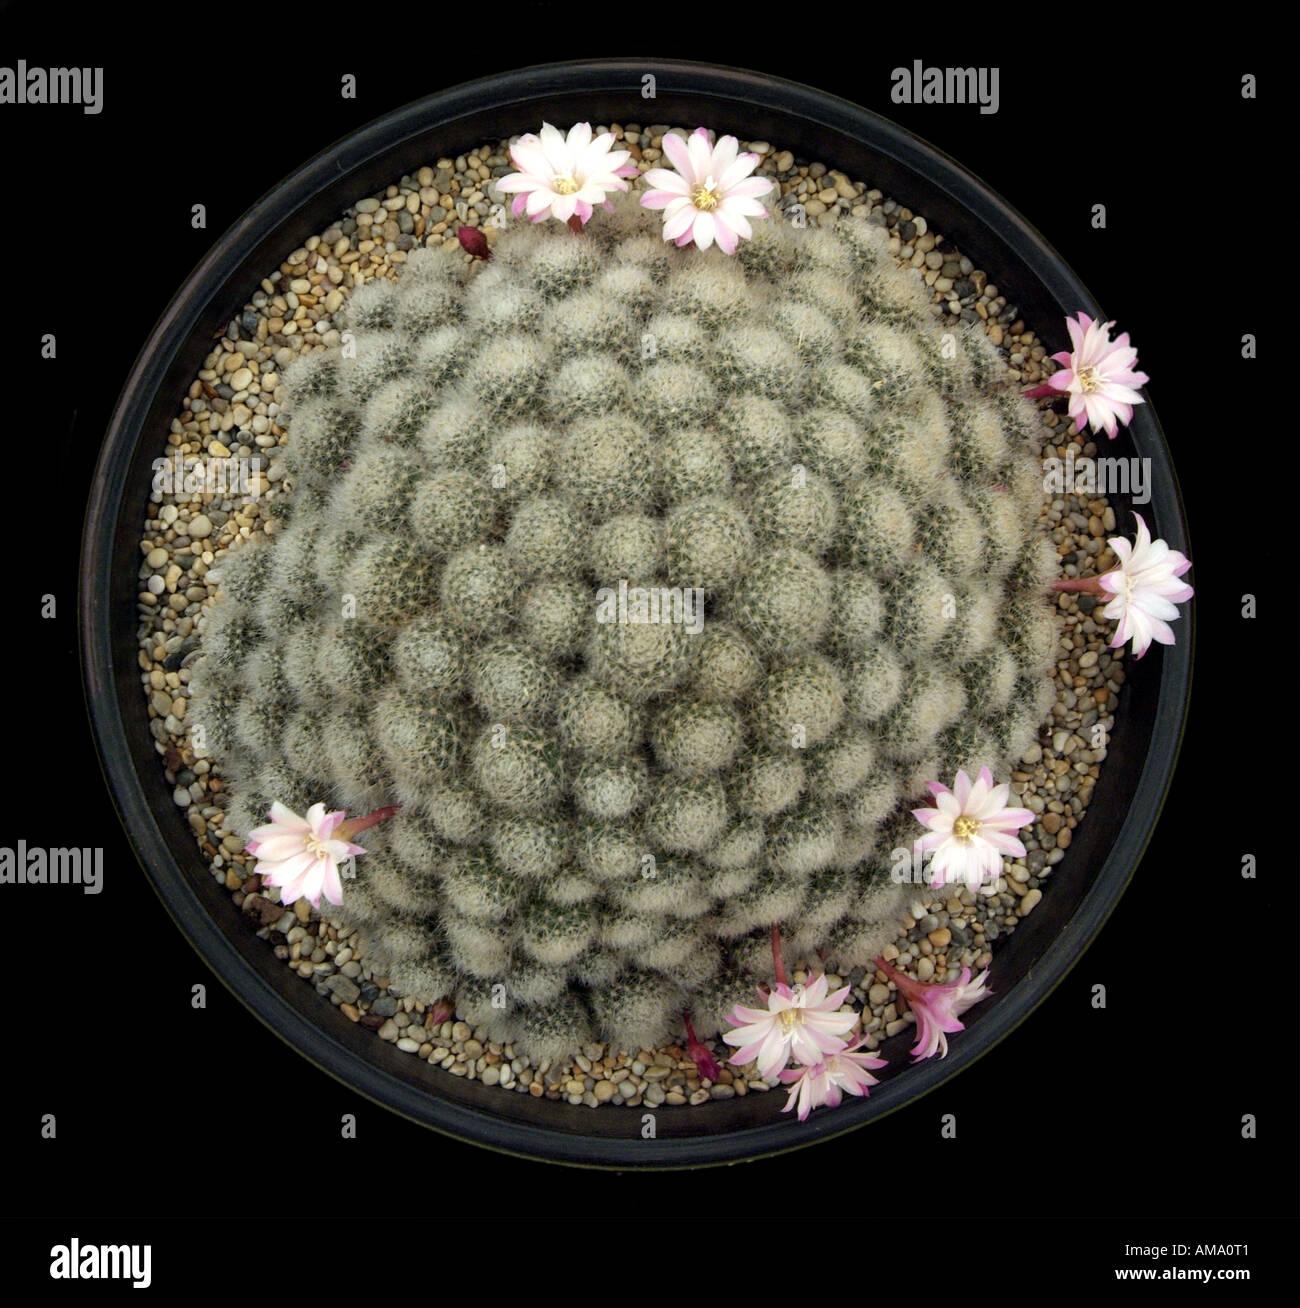 Mammillaria plumose cactus cactus specie vegetali fiore dorso bianco flora coltivata in serra sollevato coltivate piante in terracotta pot Foto Stock